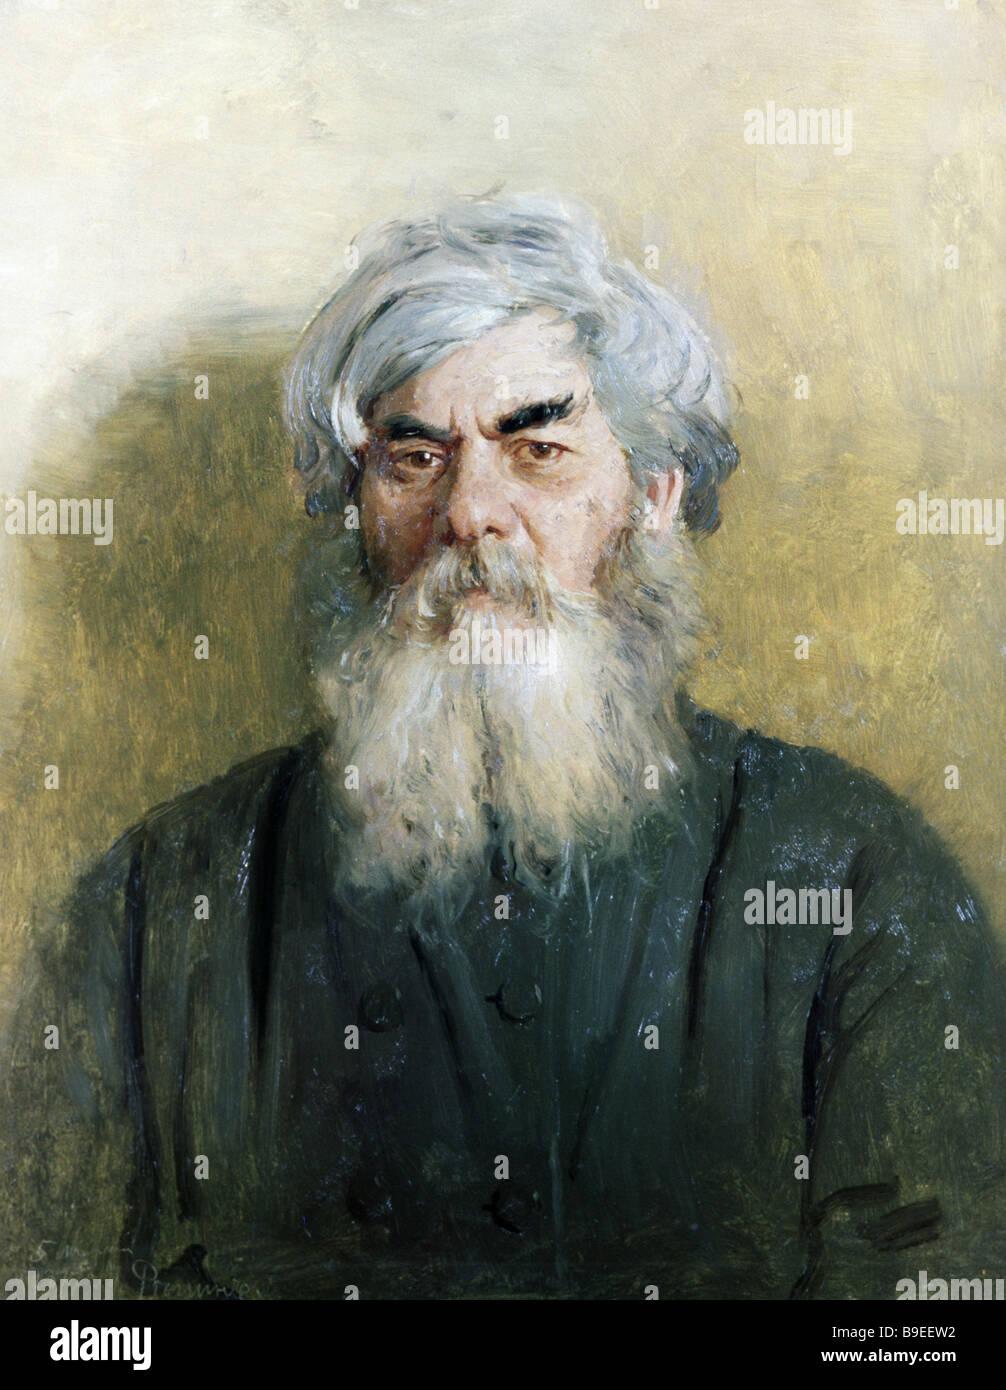 Ilja Repin ein Bauern mit einem bösen Auge staatliche Tretjakow-Galerie Moskau Stockbild